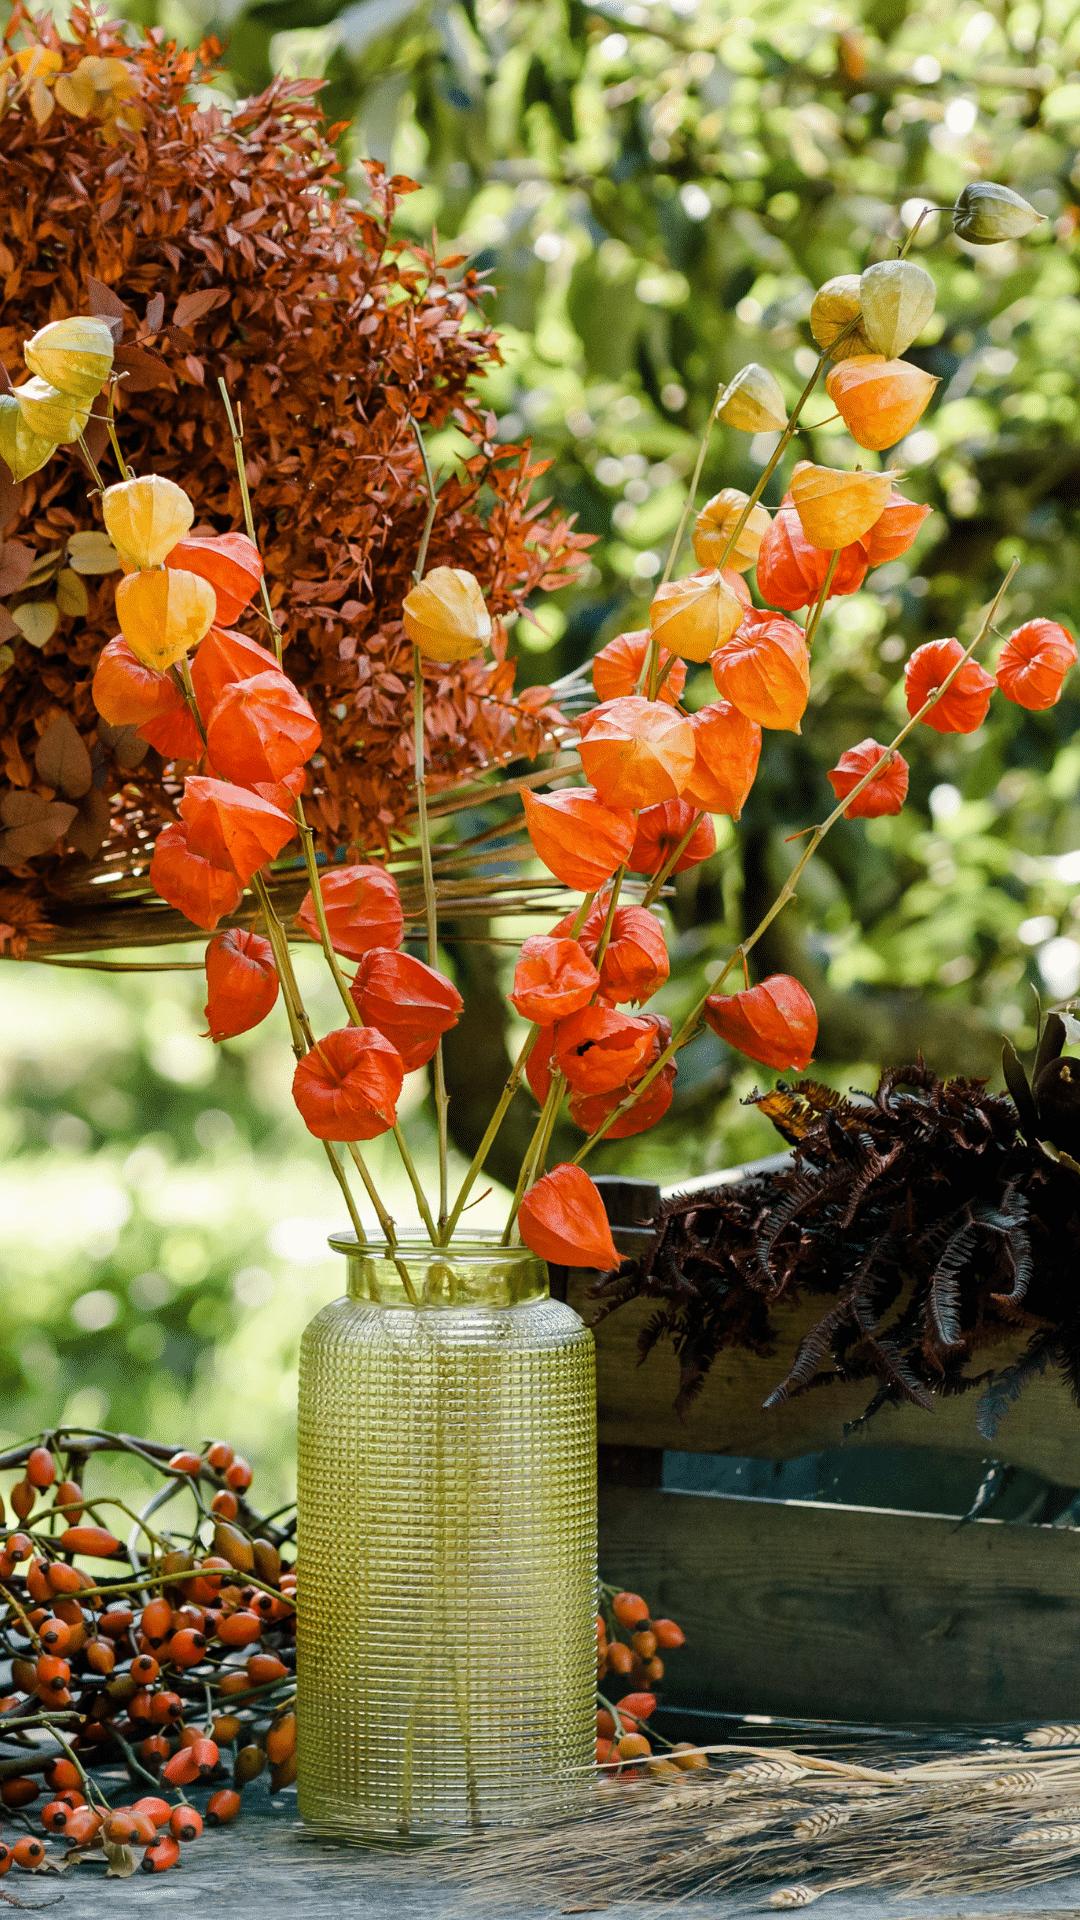 van der plas flowers